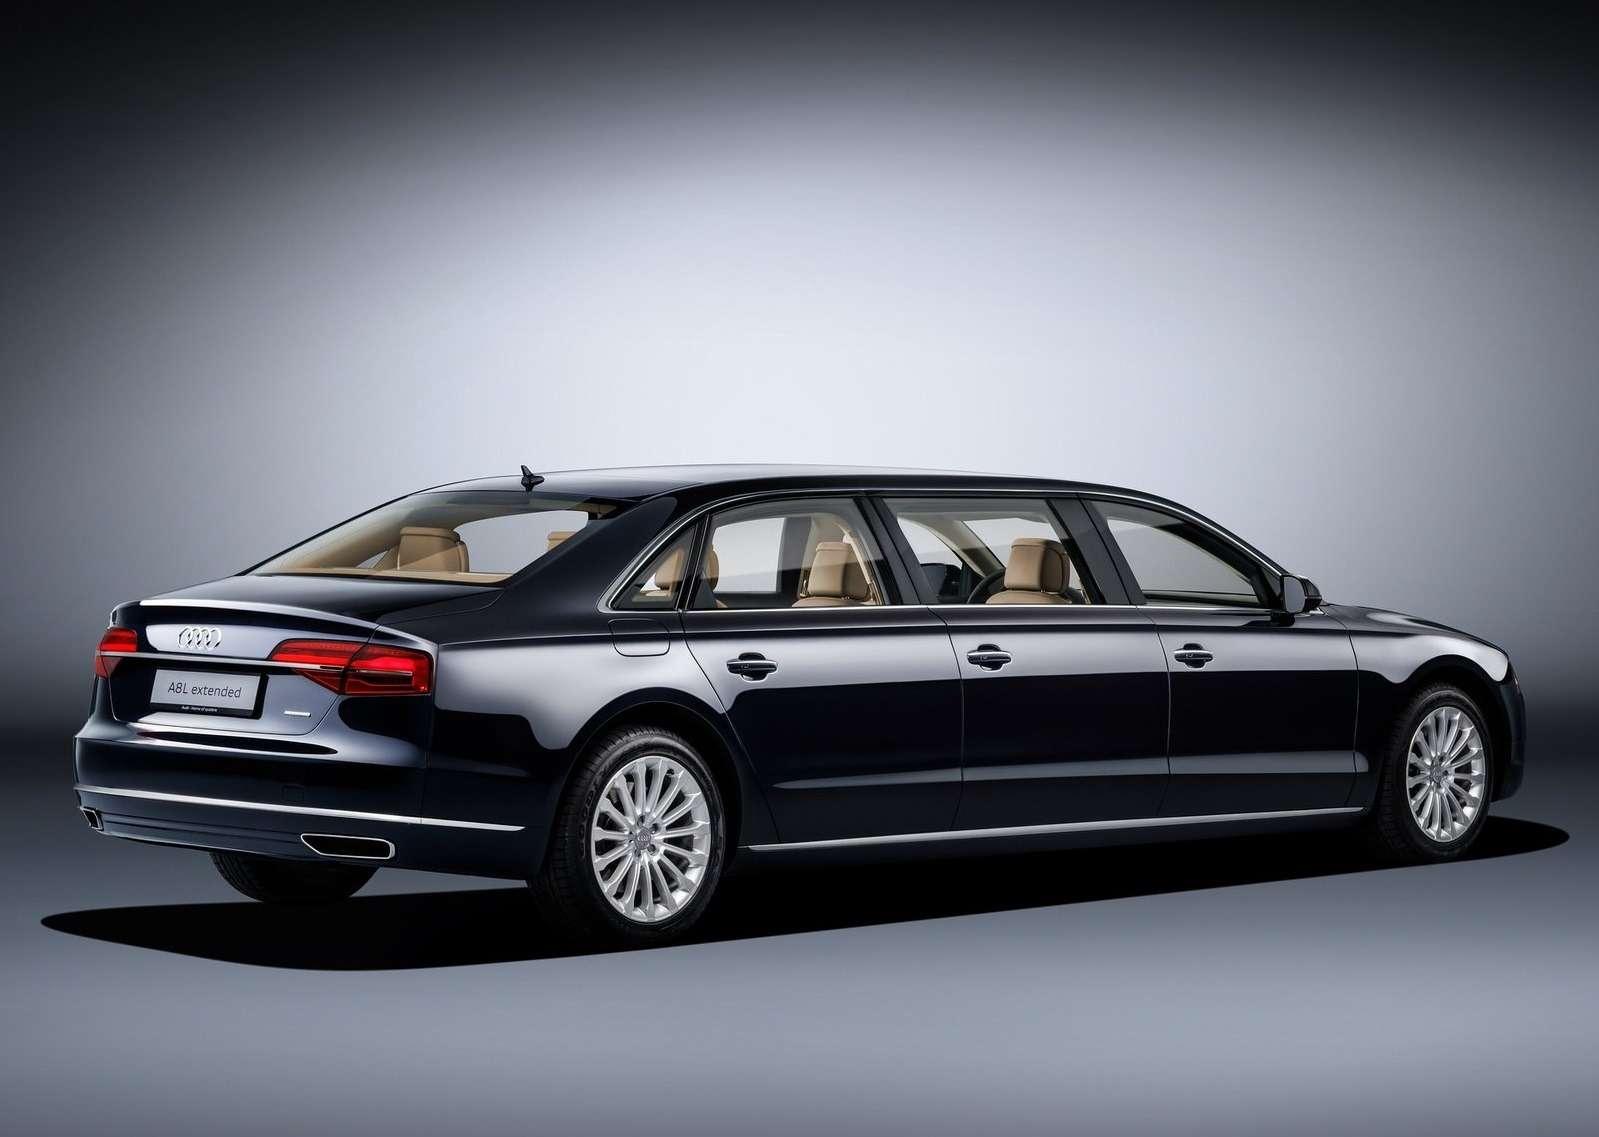 «Автобус» класса люкс: Audi A8растянулся вугоду королевским запросам— фото 574391